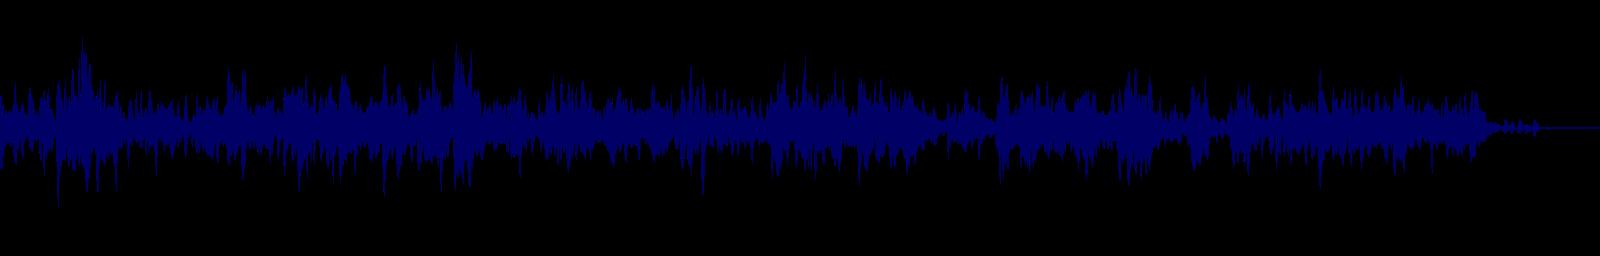 waveform of track #104966